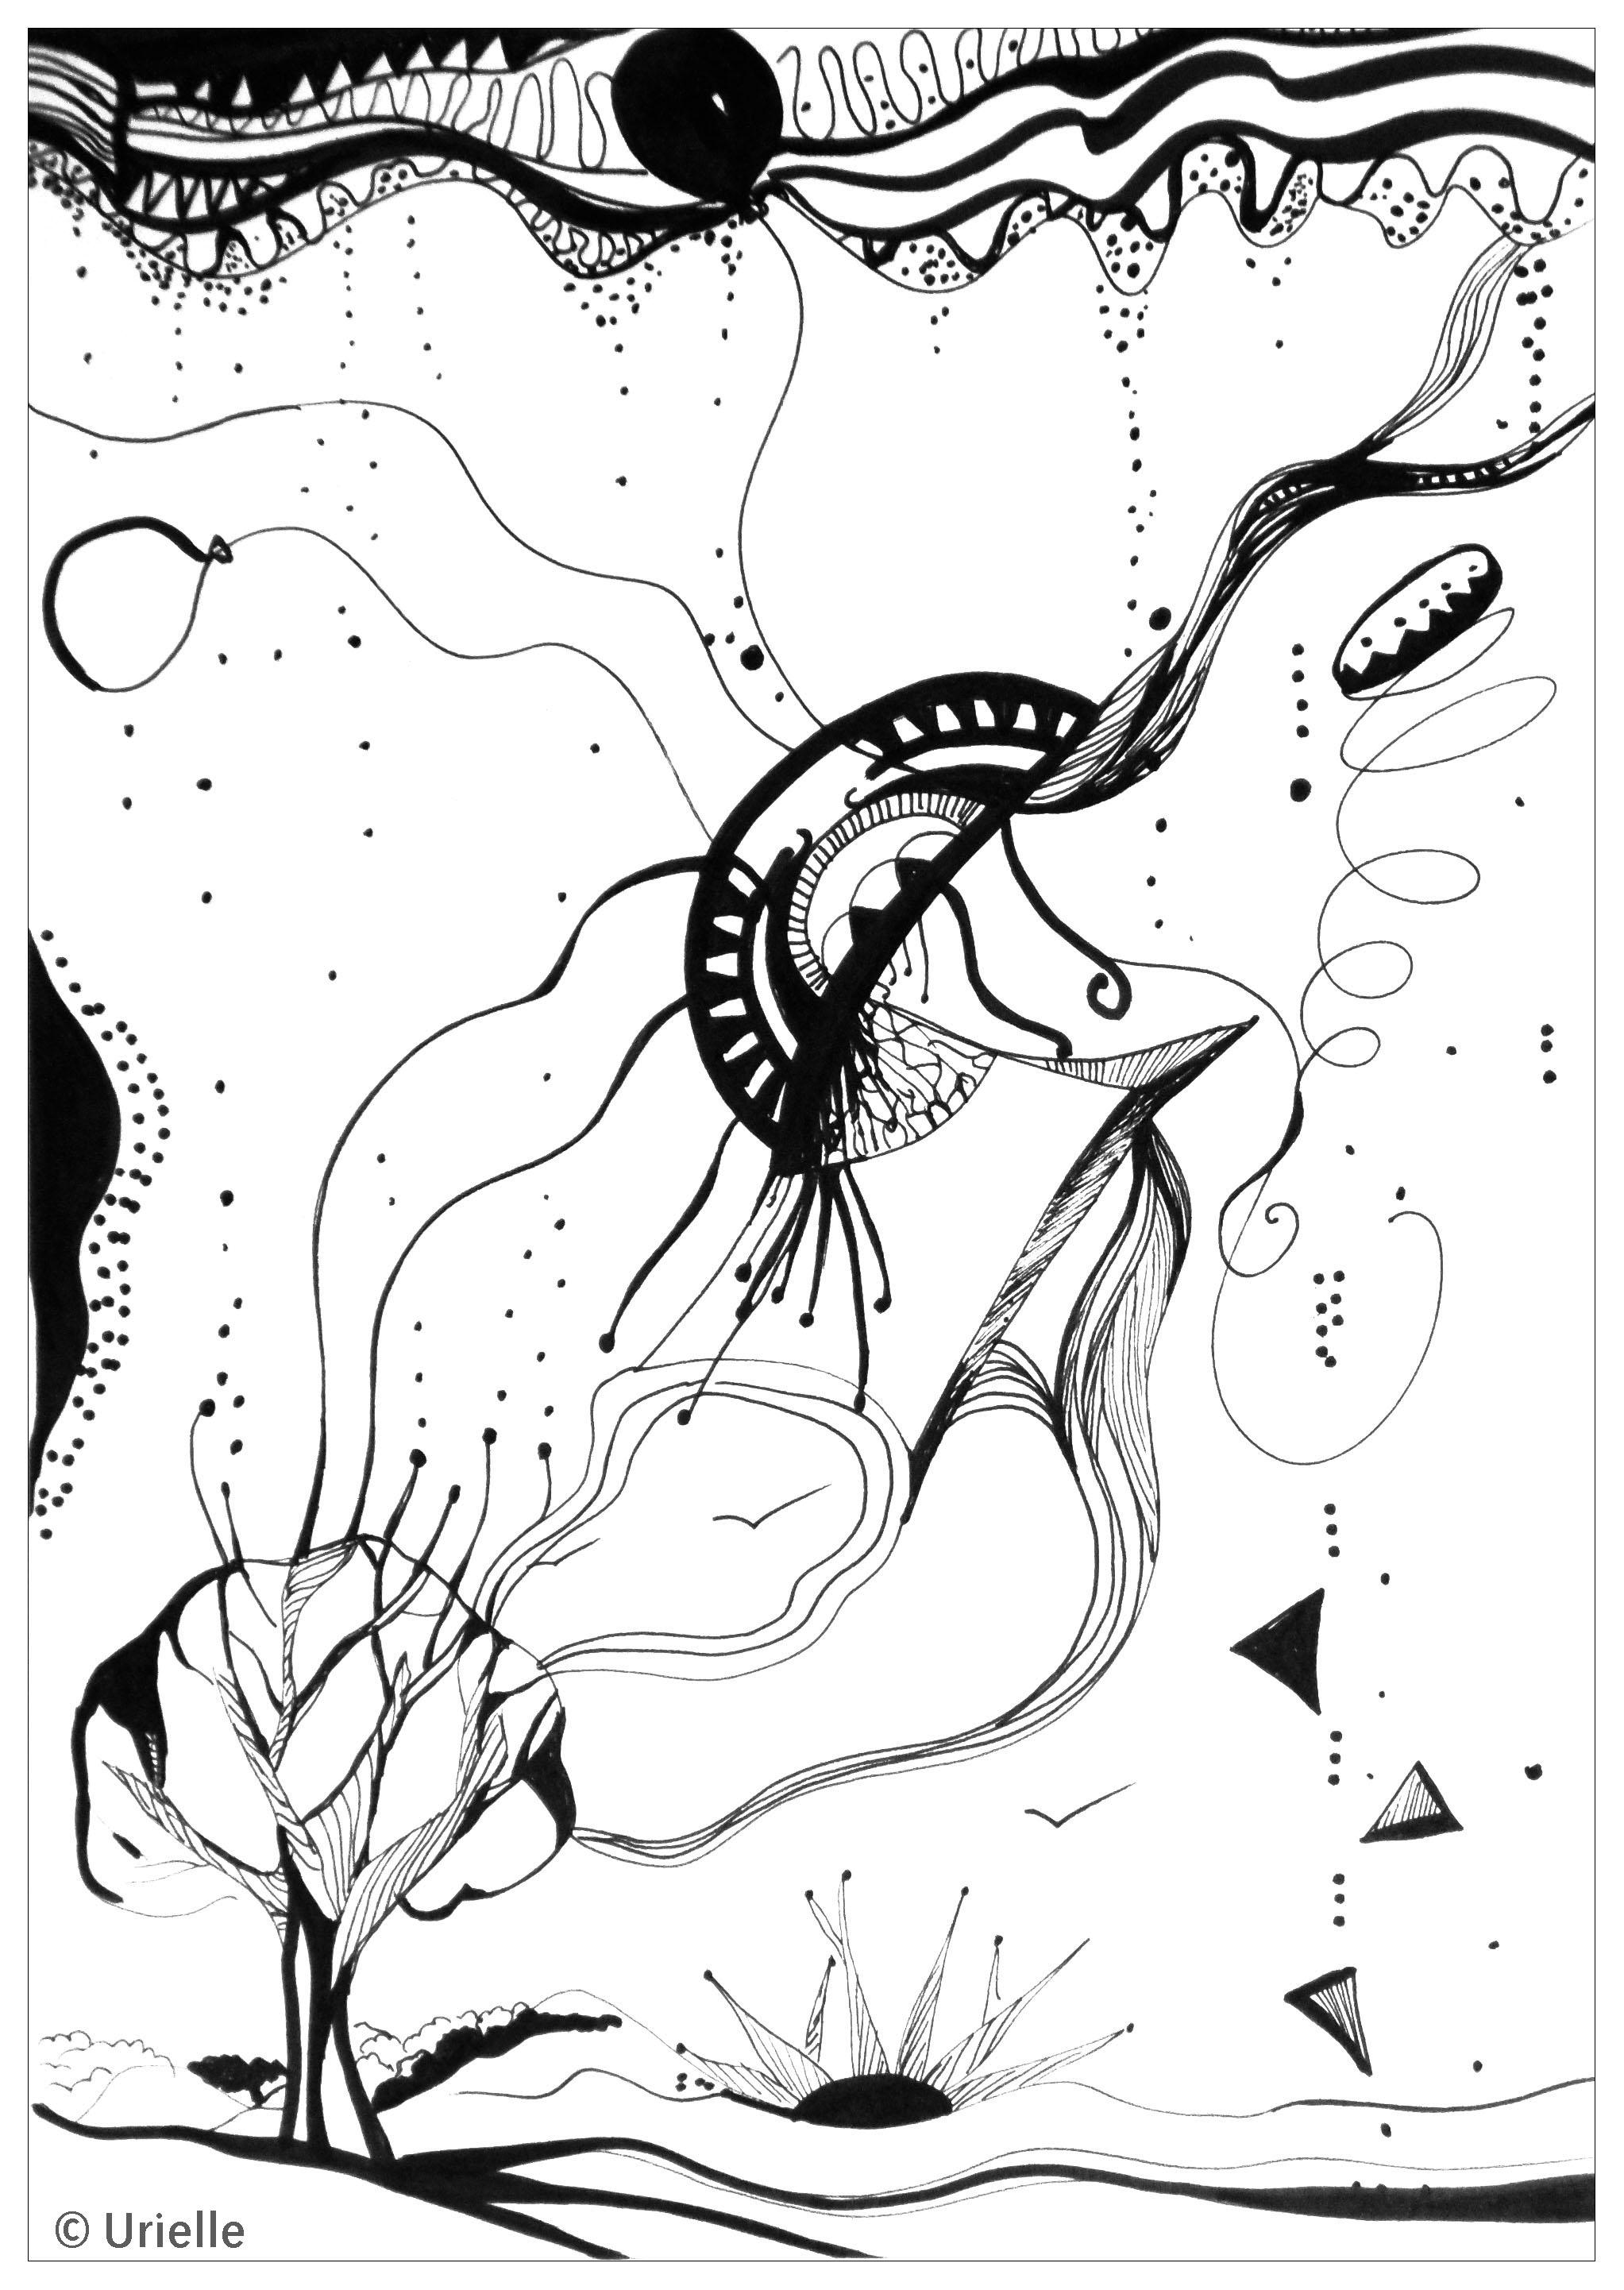 Colorear para adultos : Anti-stress / Zen - 113